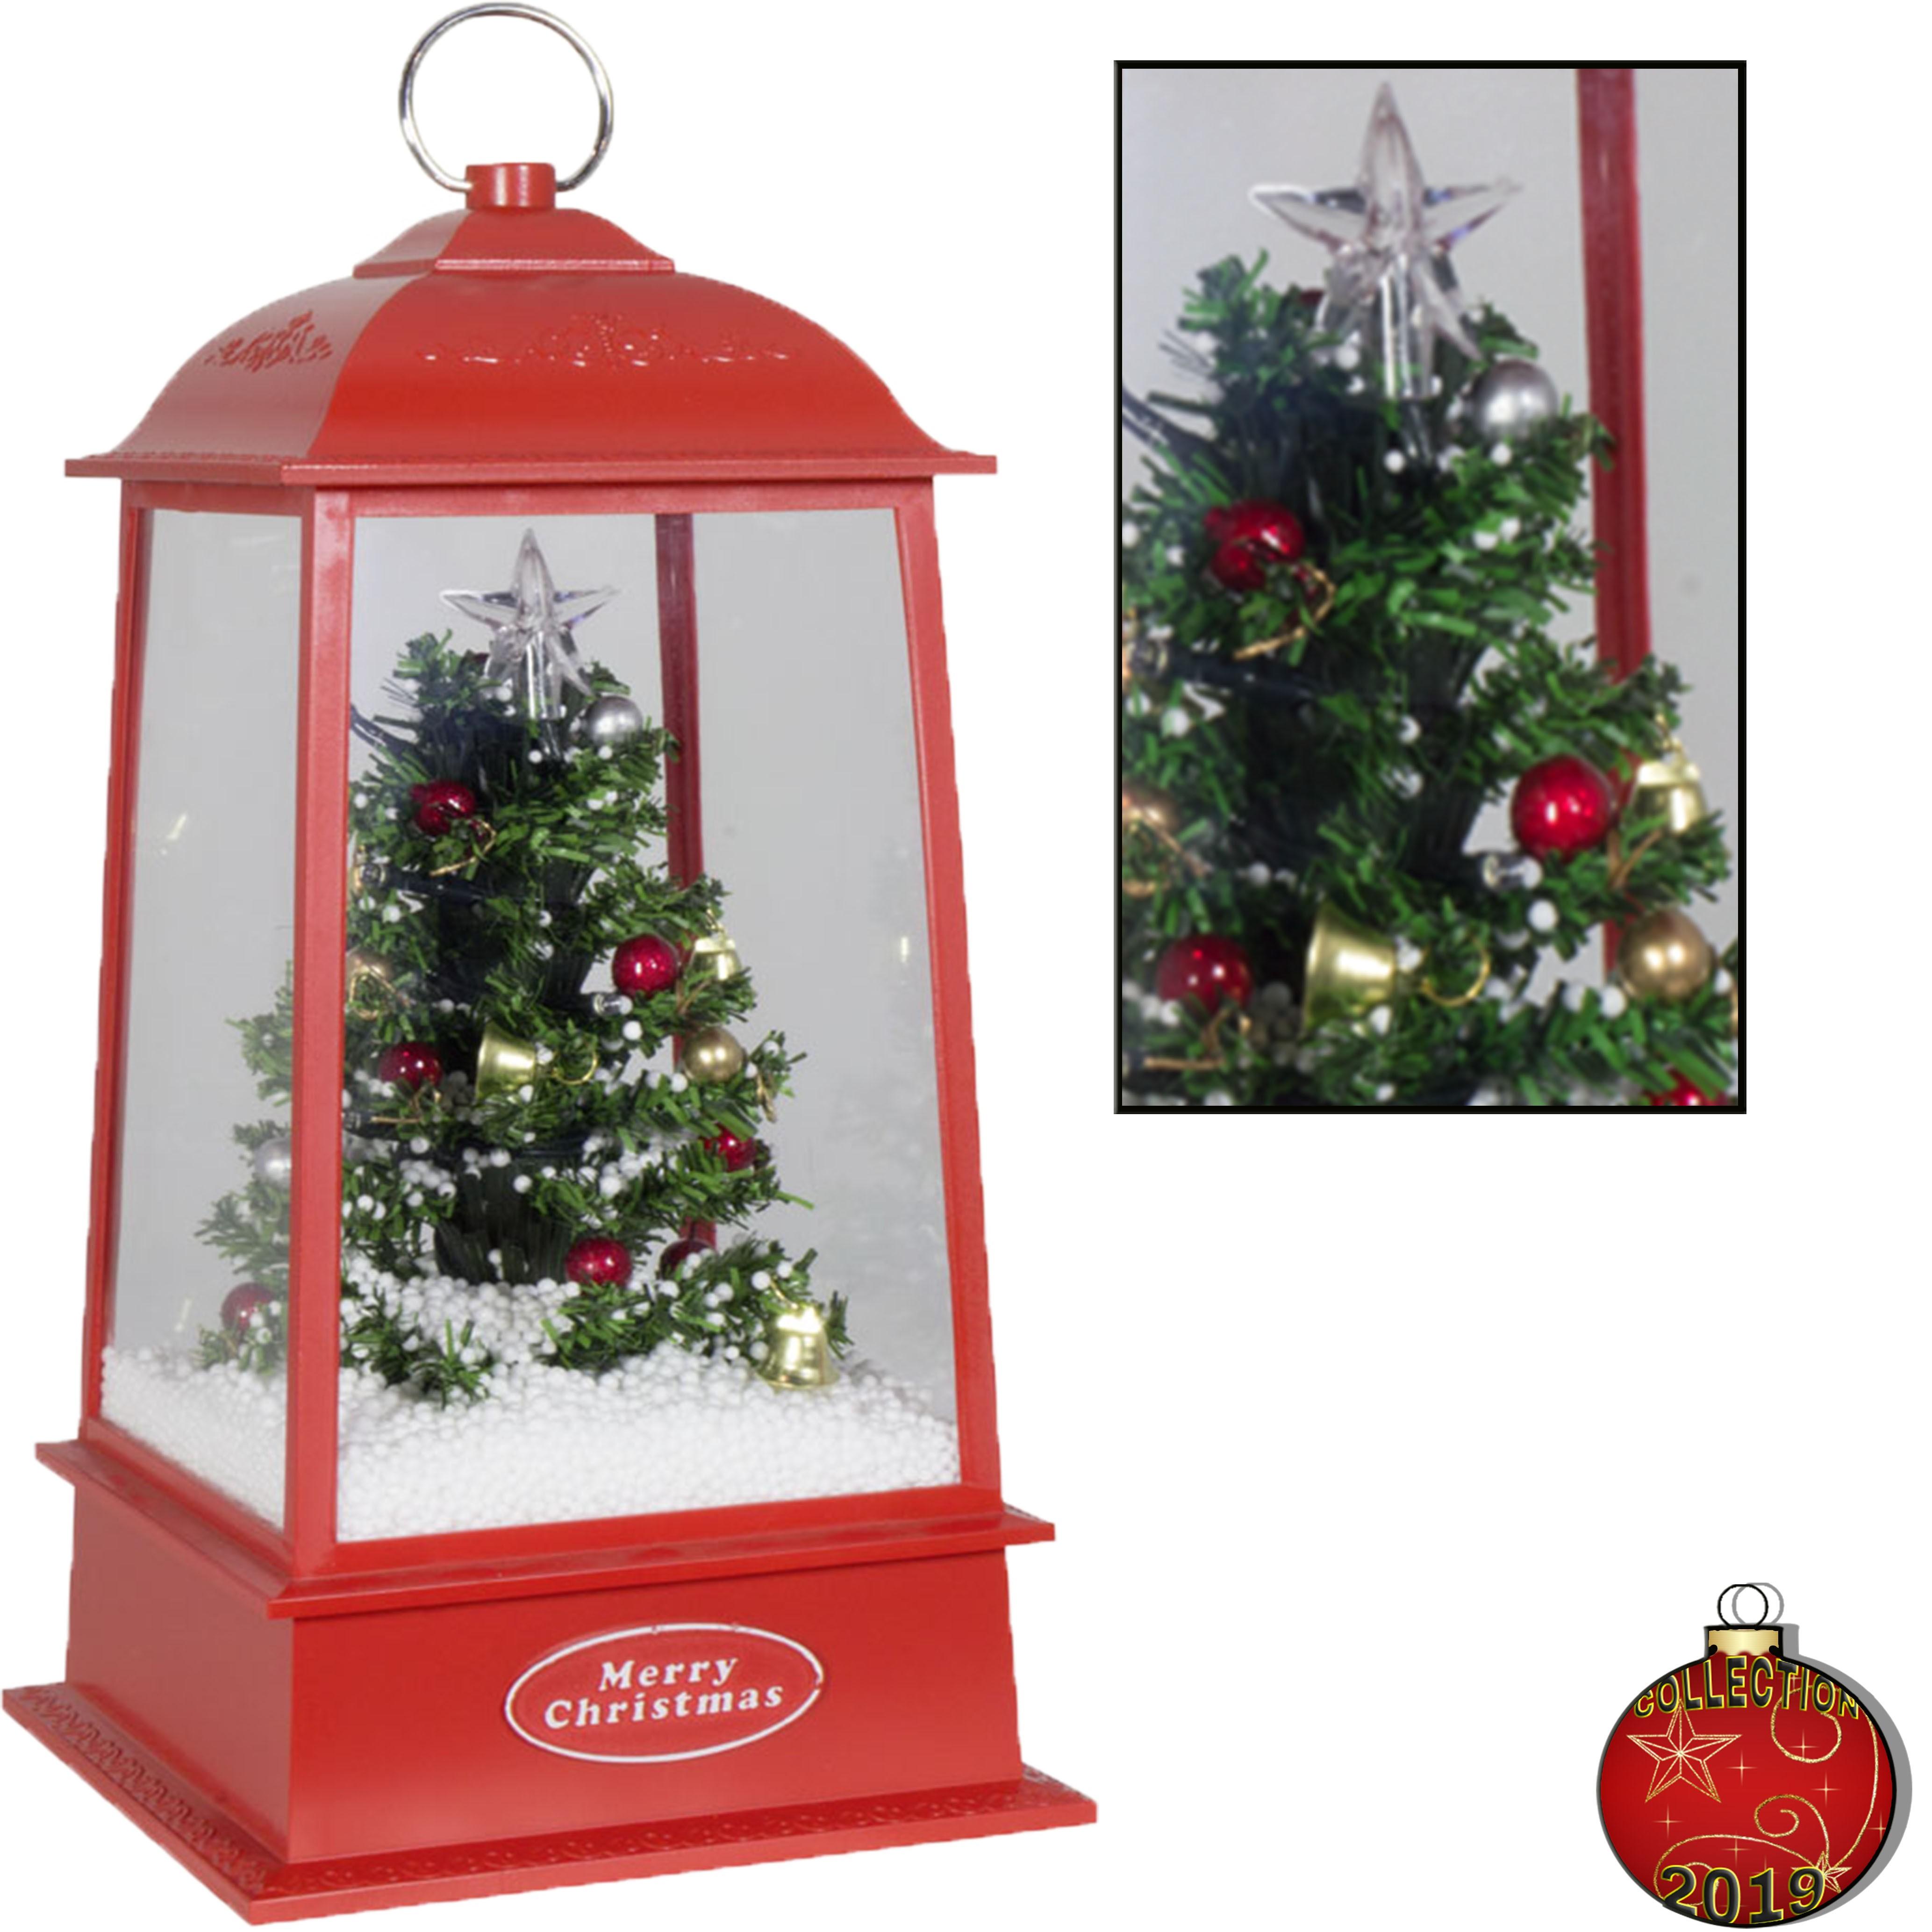 Décoration lumineuse Noël animée. Lanterne LED flocon neige musicale